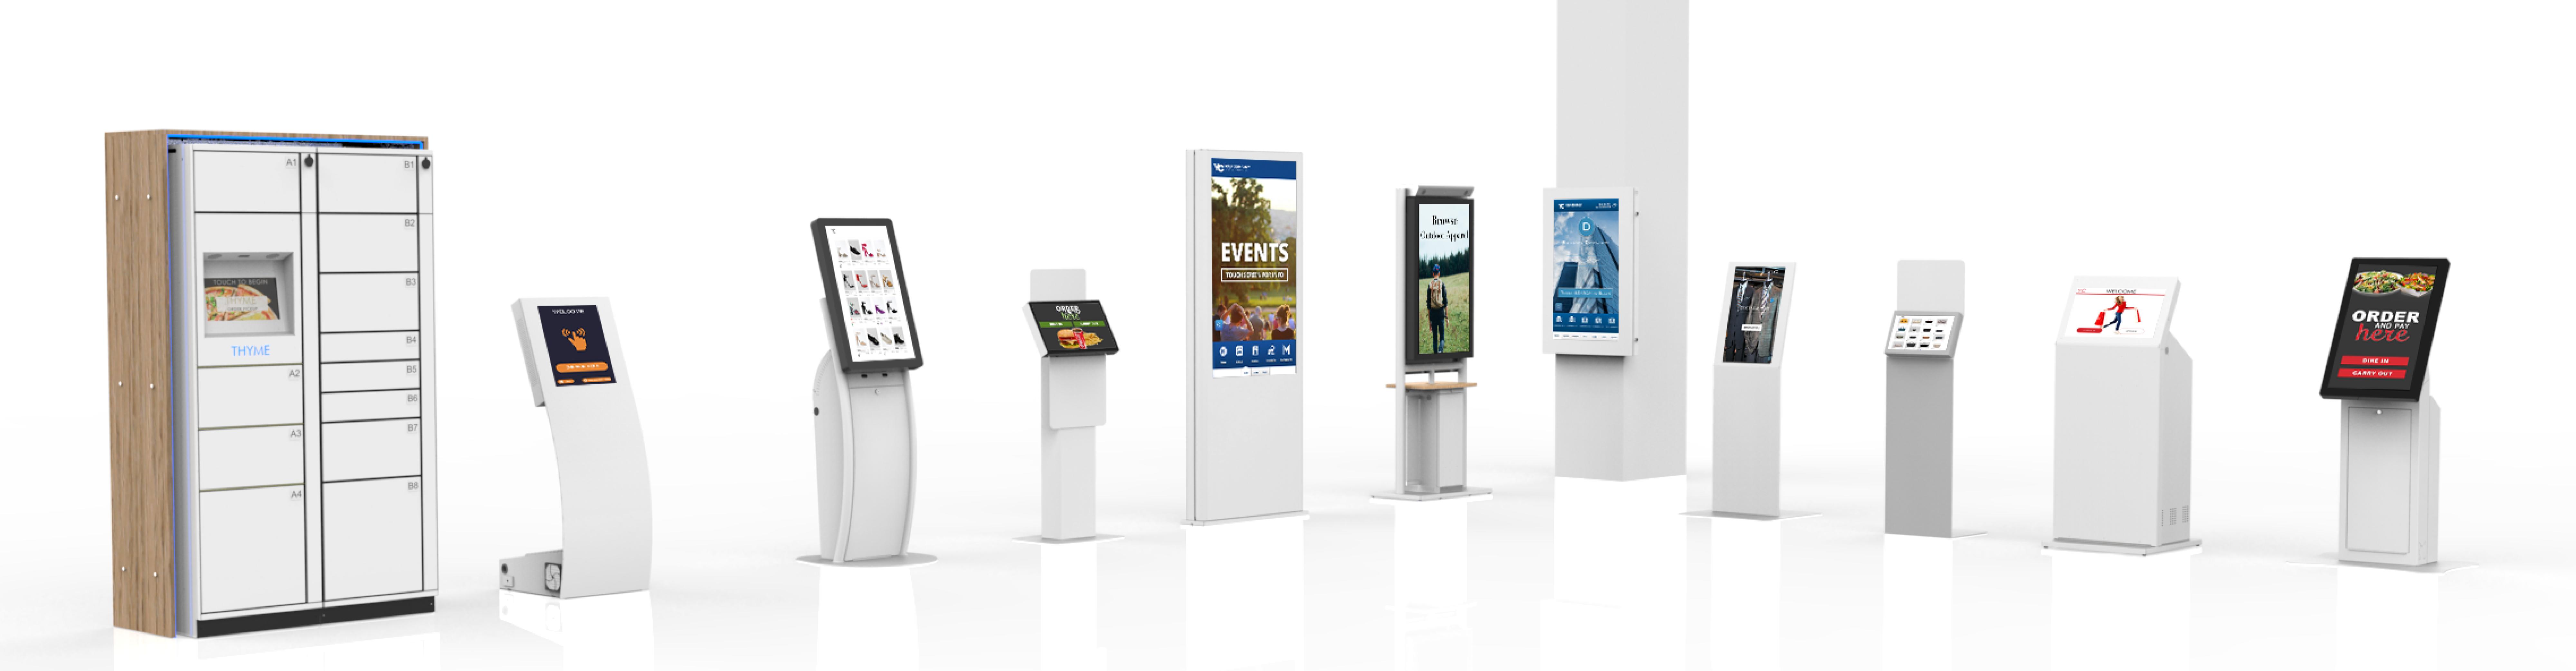 Kiosk Lineup3